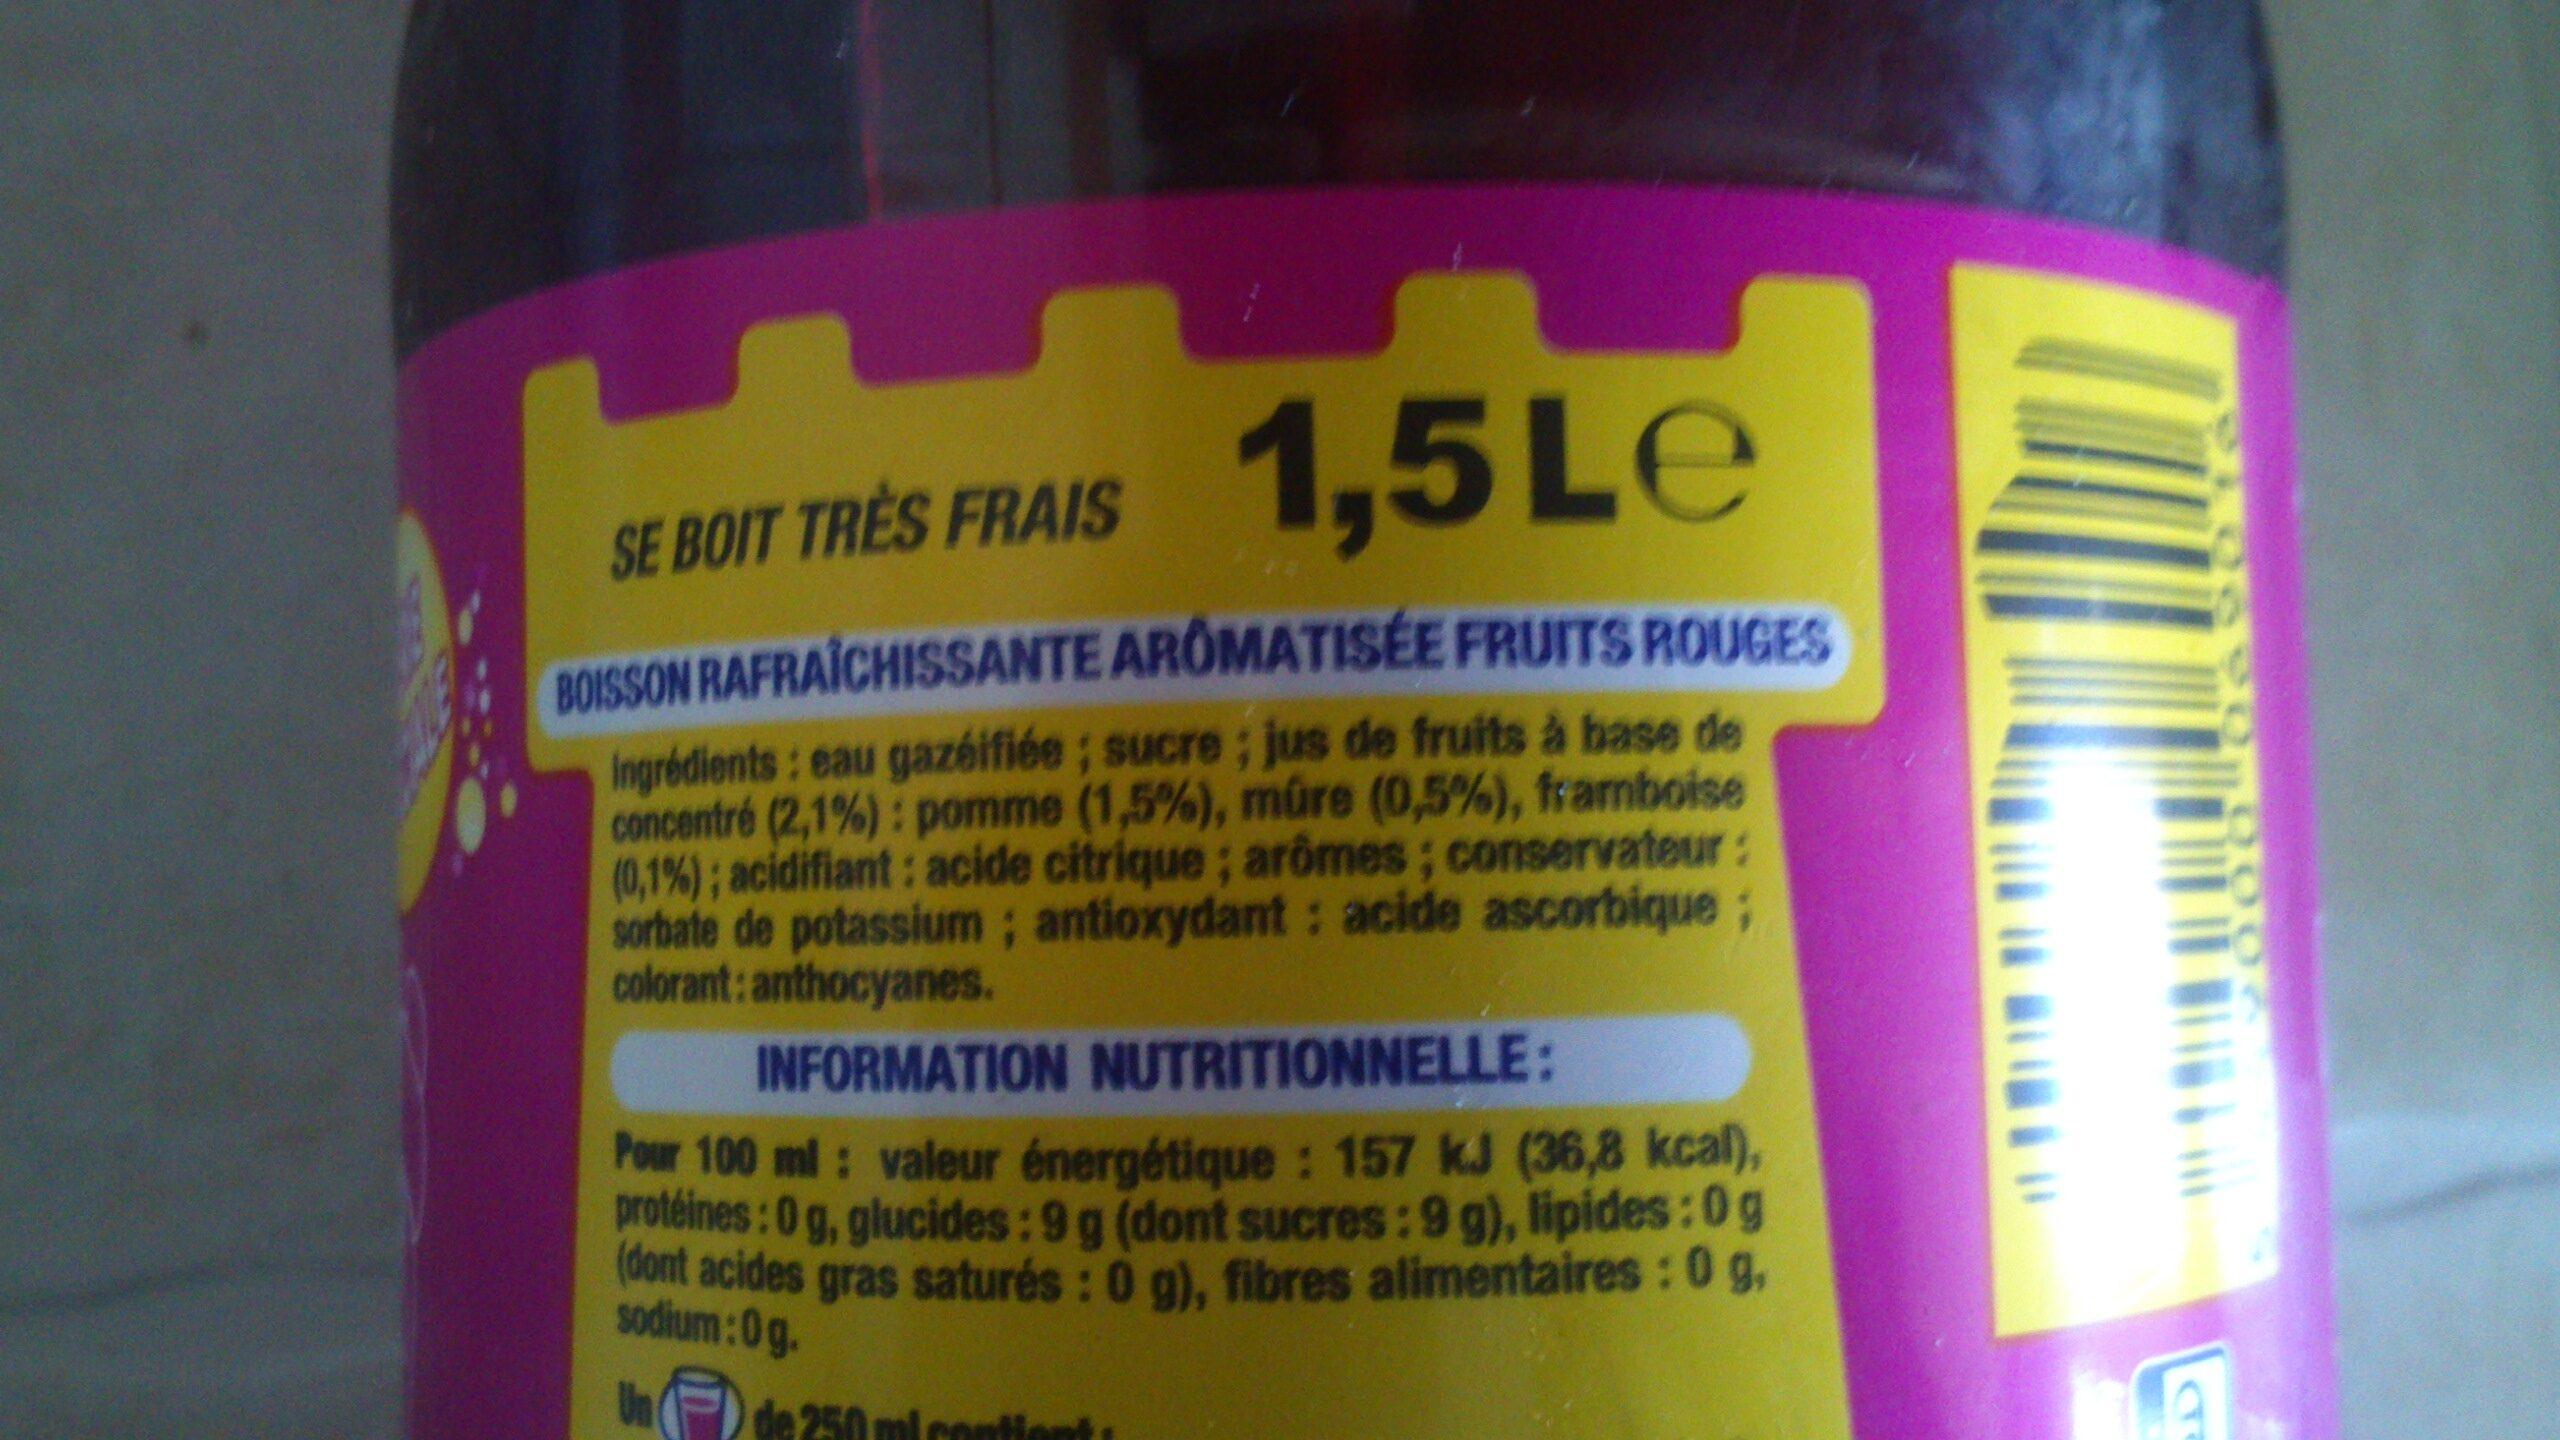 Fanta, saveur fruits rouges - Ingrediënten